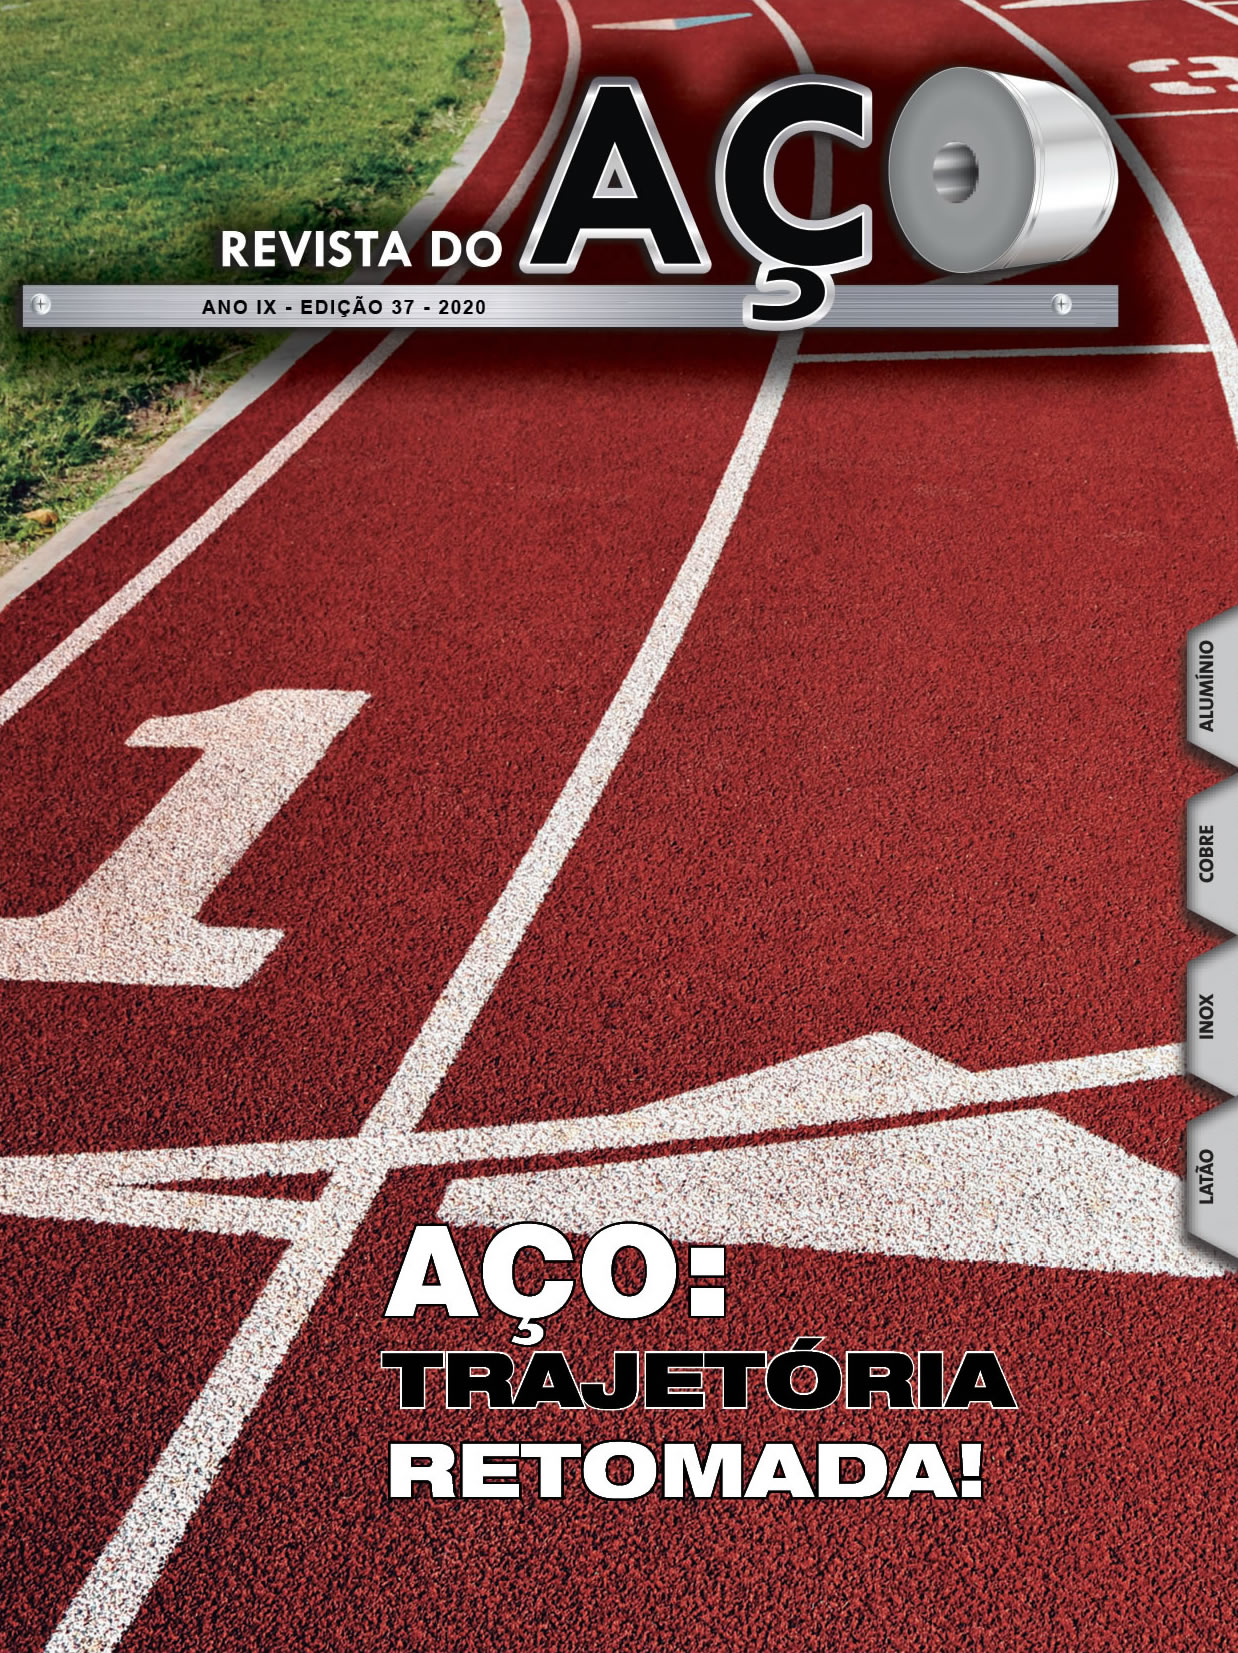 Revista do AÇO - Edição 37